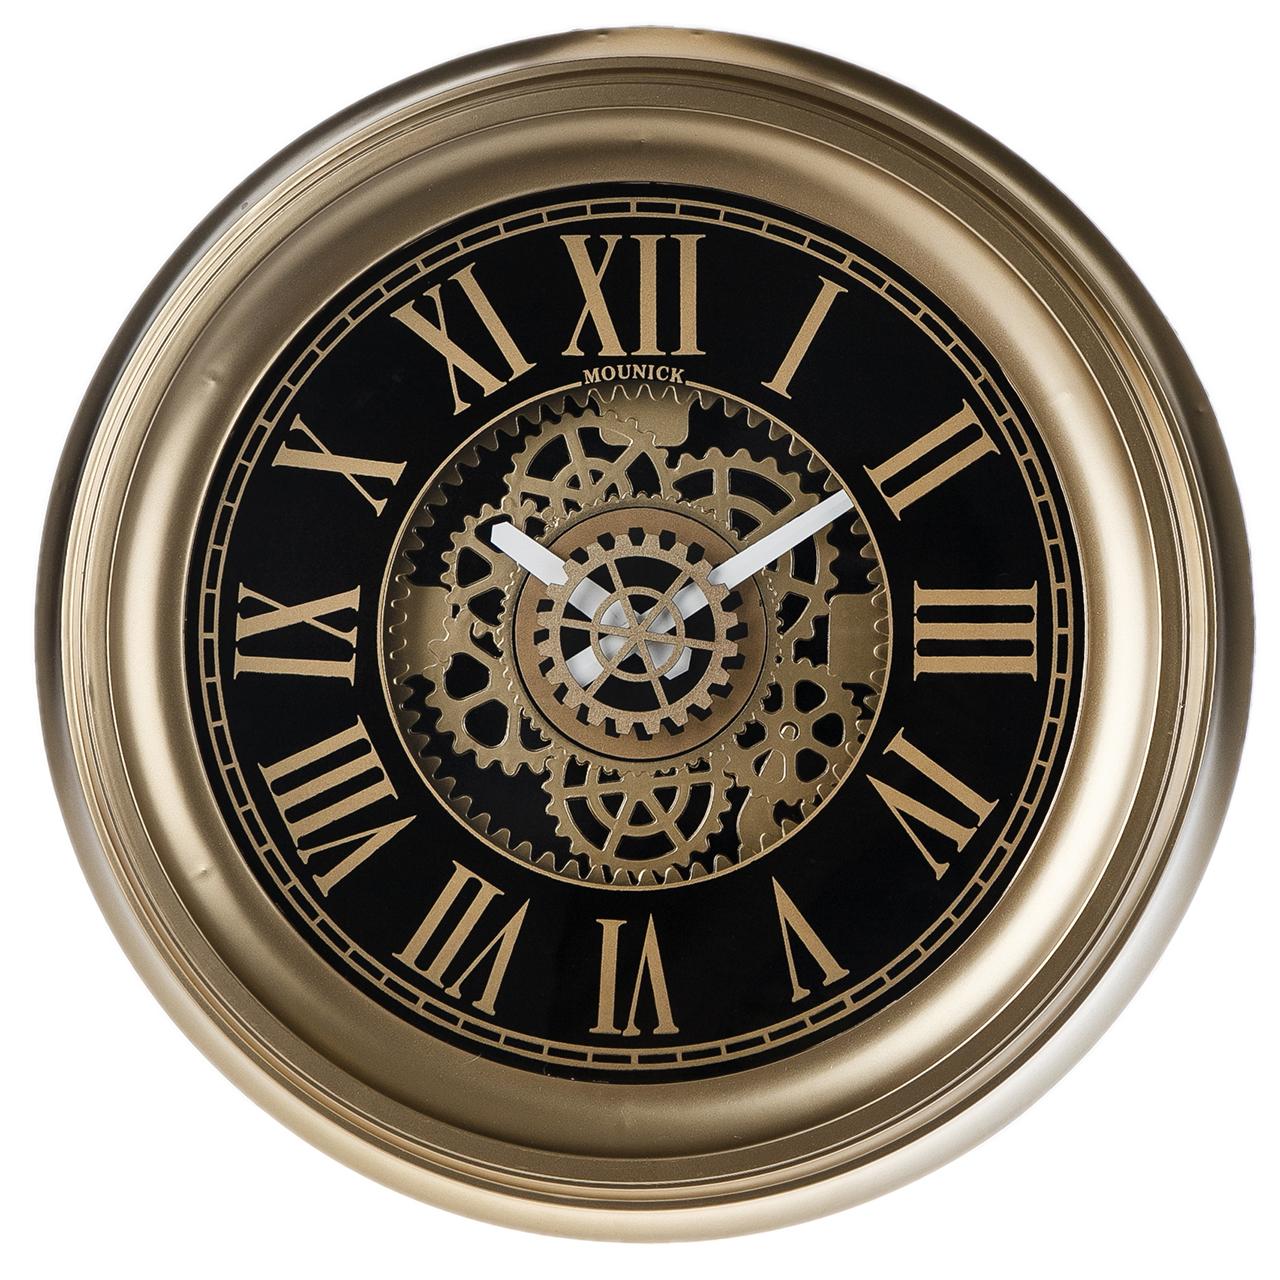 ساعت دیواری مونیک مدل X11